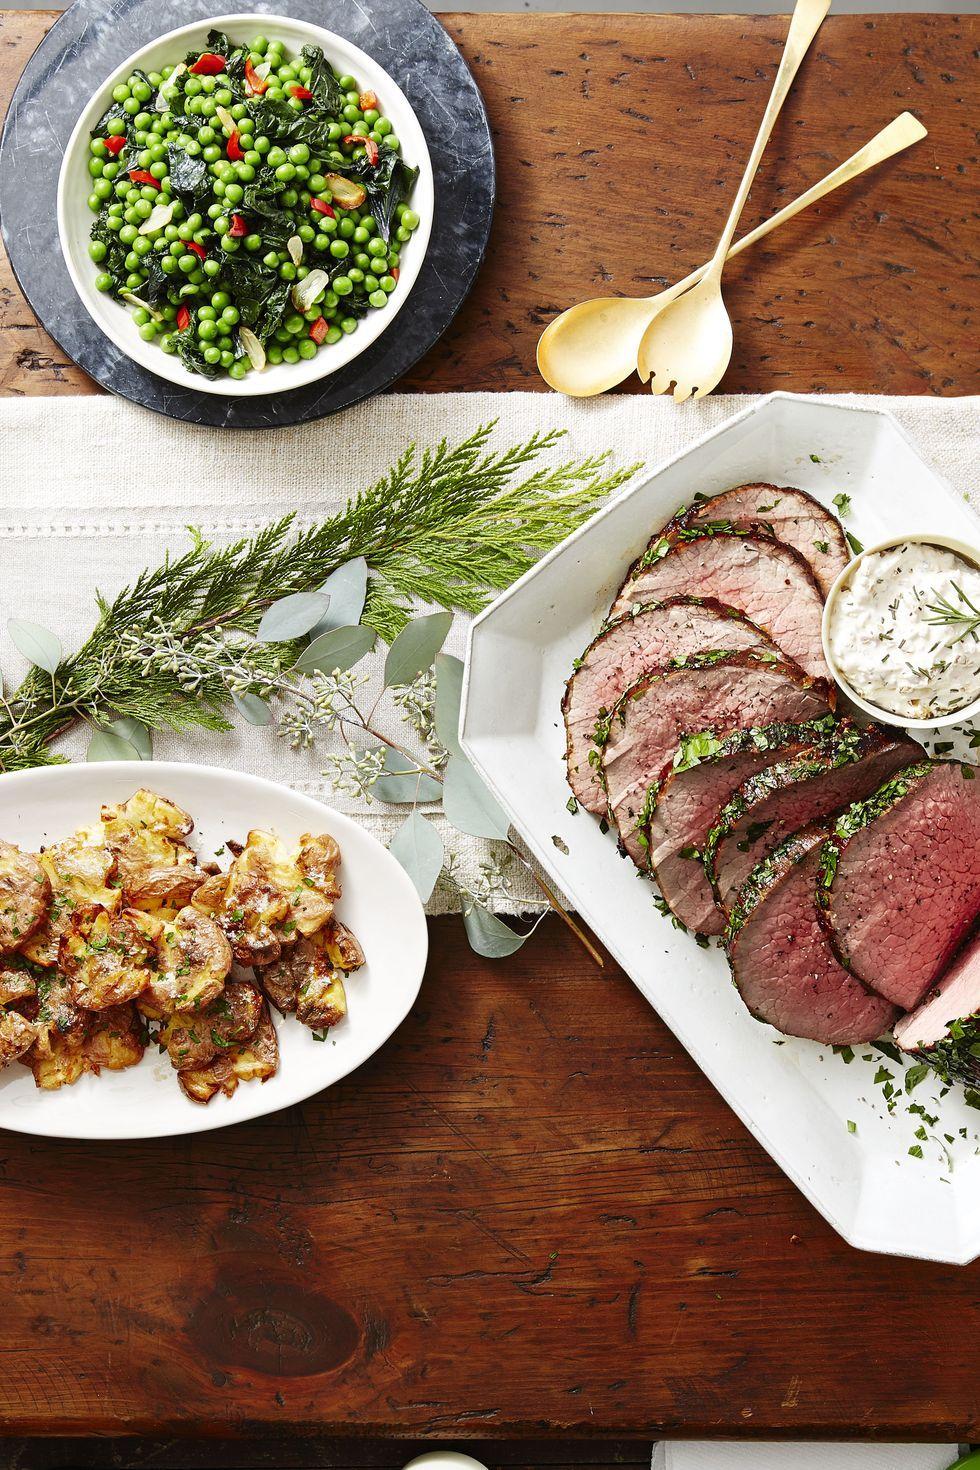 christmas-dinner-ideas-roast-beef-feast-1568825174